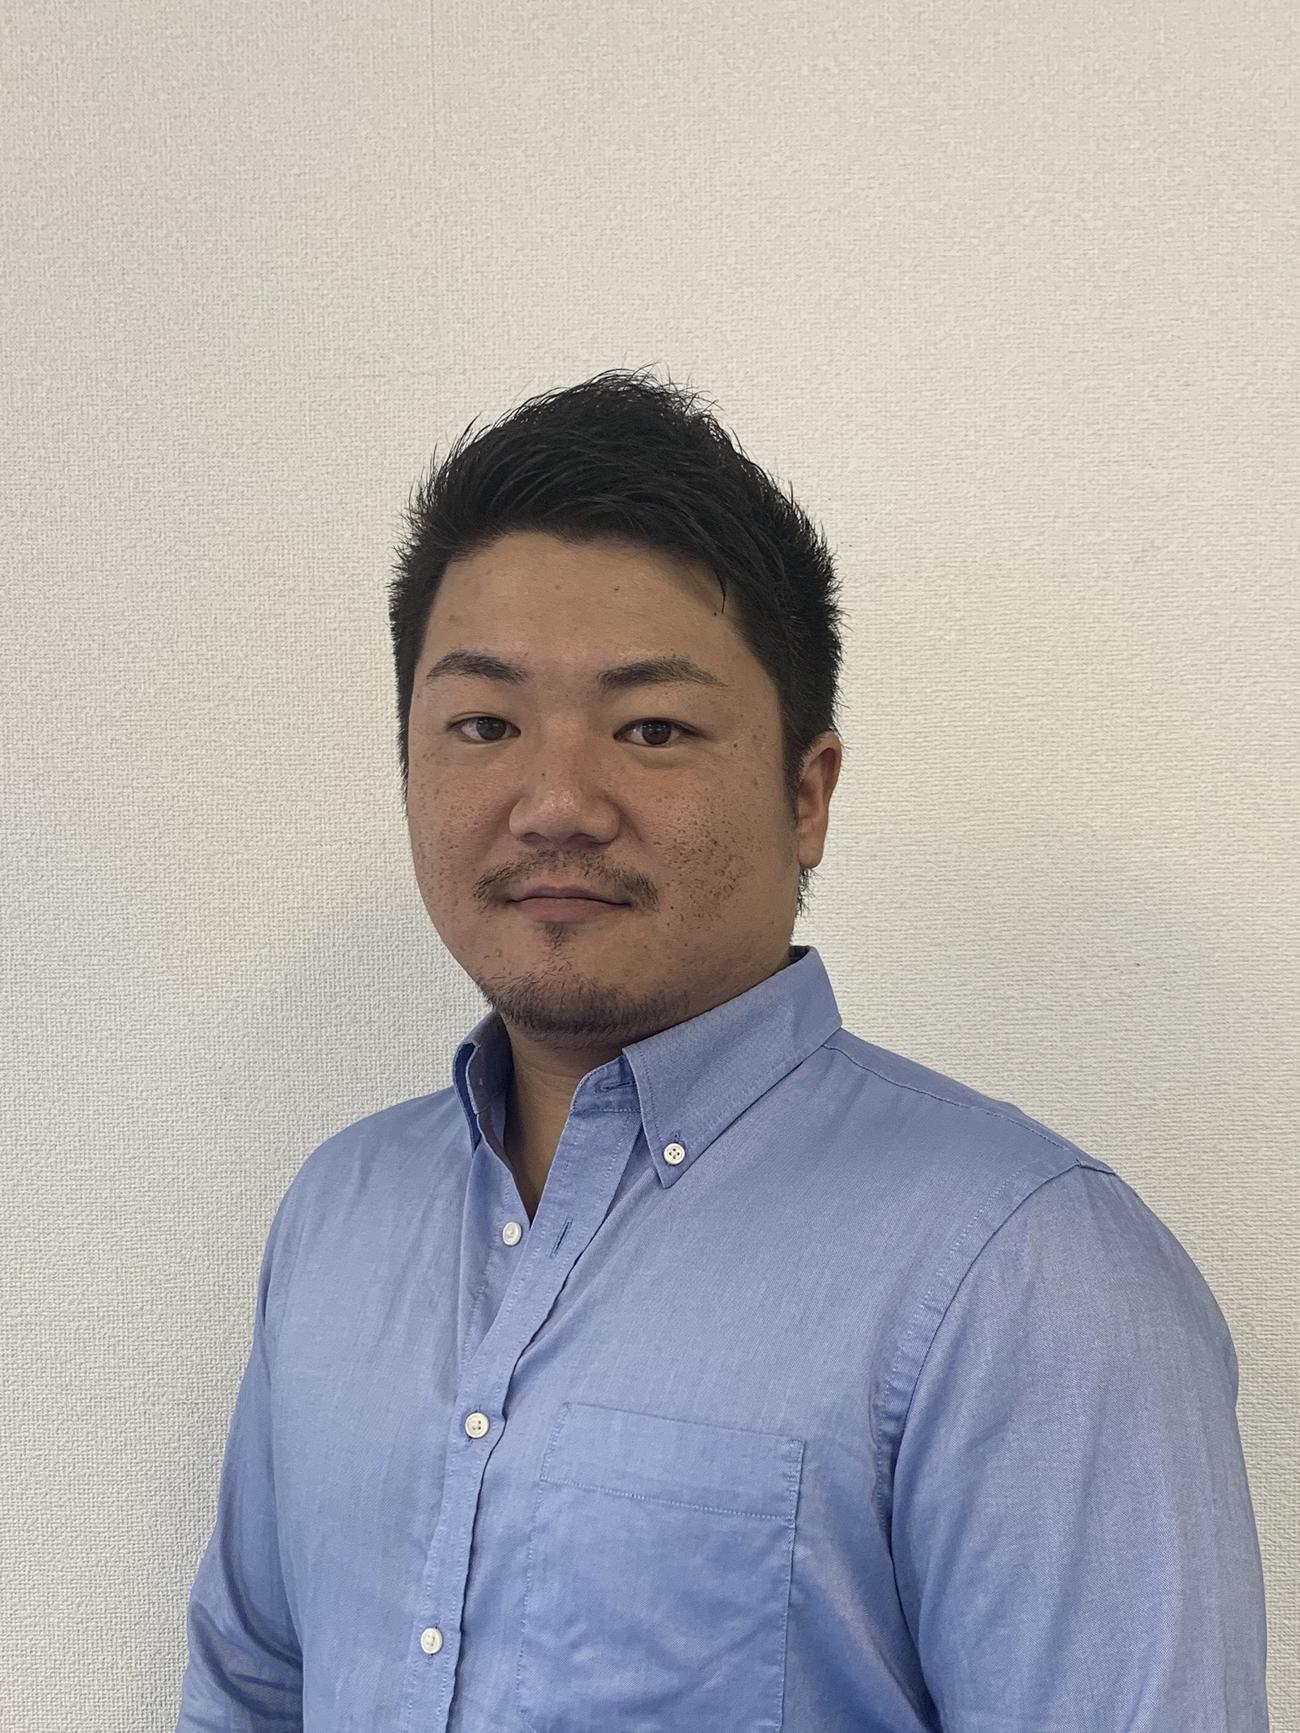 07年センバツ優勝、08年夏の甲子園で準優勝した町田友潤氏。現在は浜松で障がい者向けの放課後等デイサービス「グリーピース」を経営している